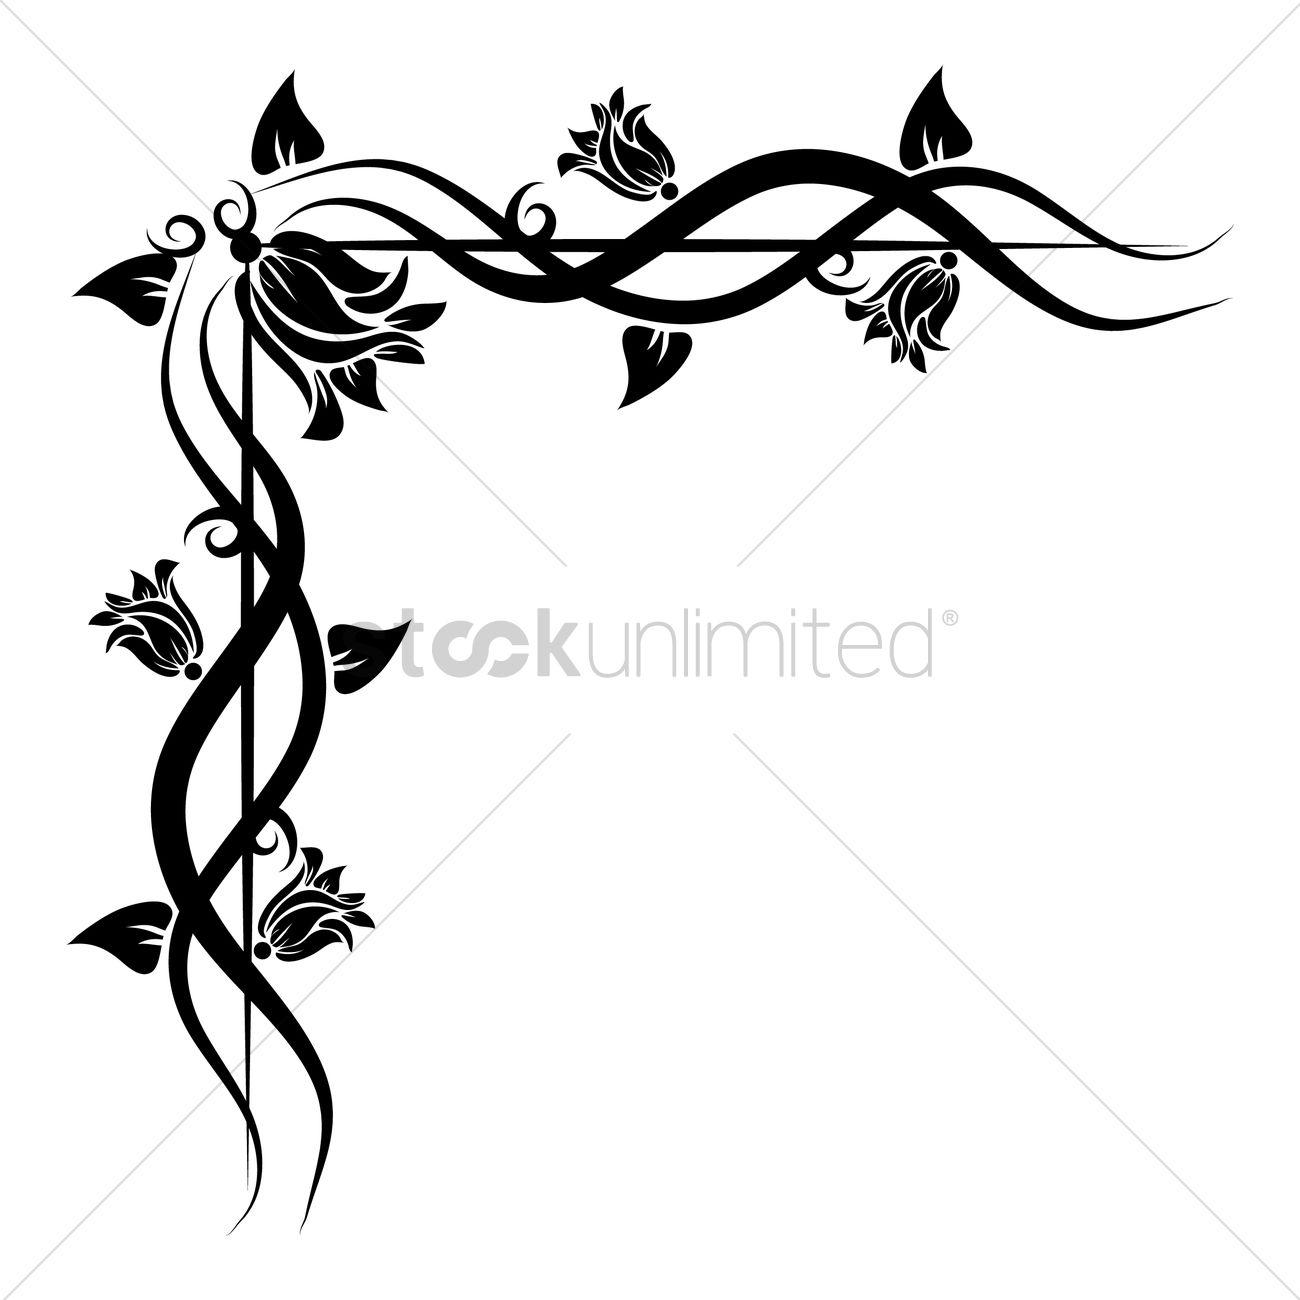 Floral corner design Vector Image - 1627032 | StockUnlimited